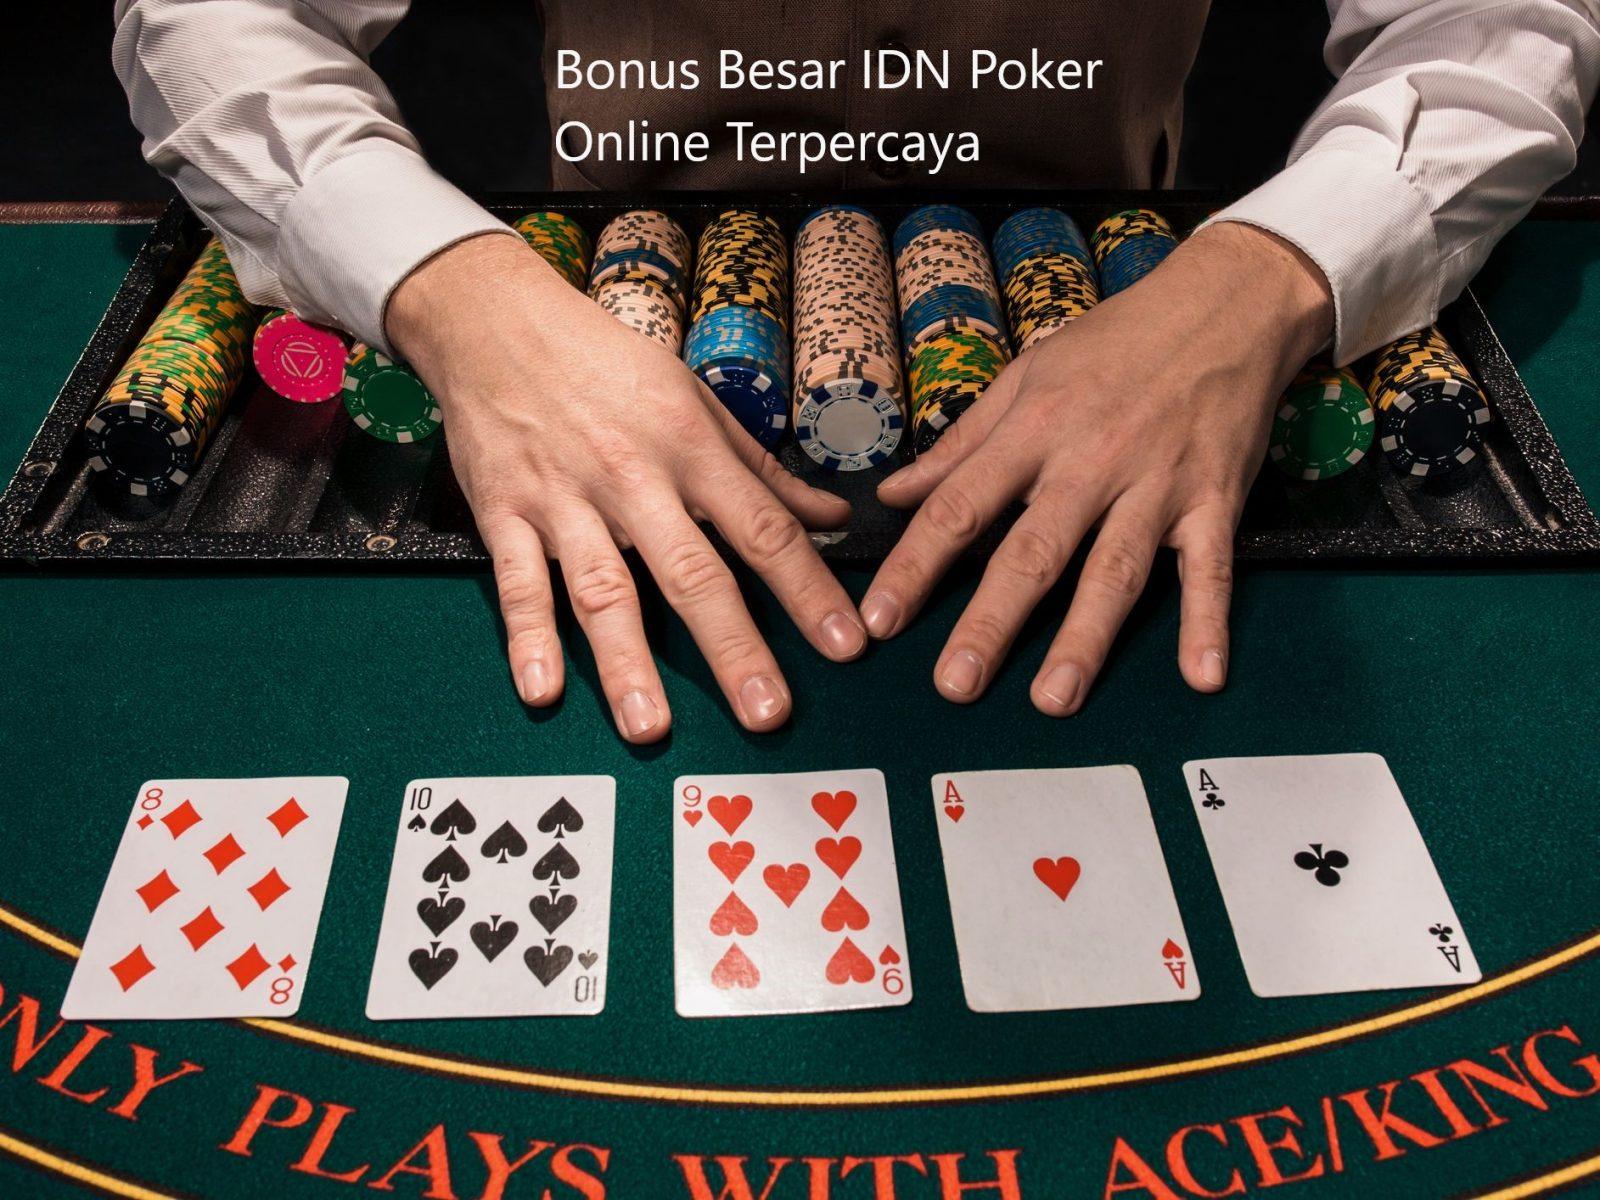 Jackpot IDN Poker Online